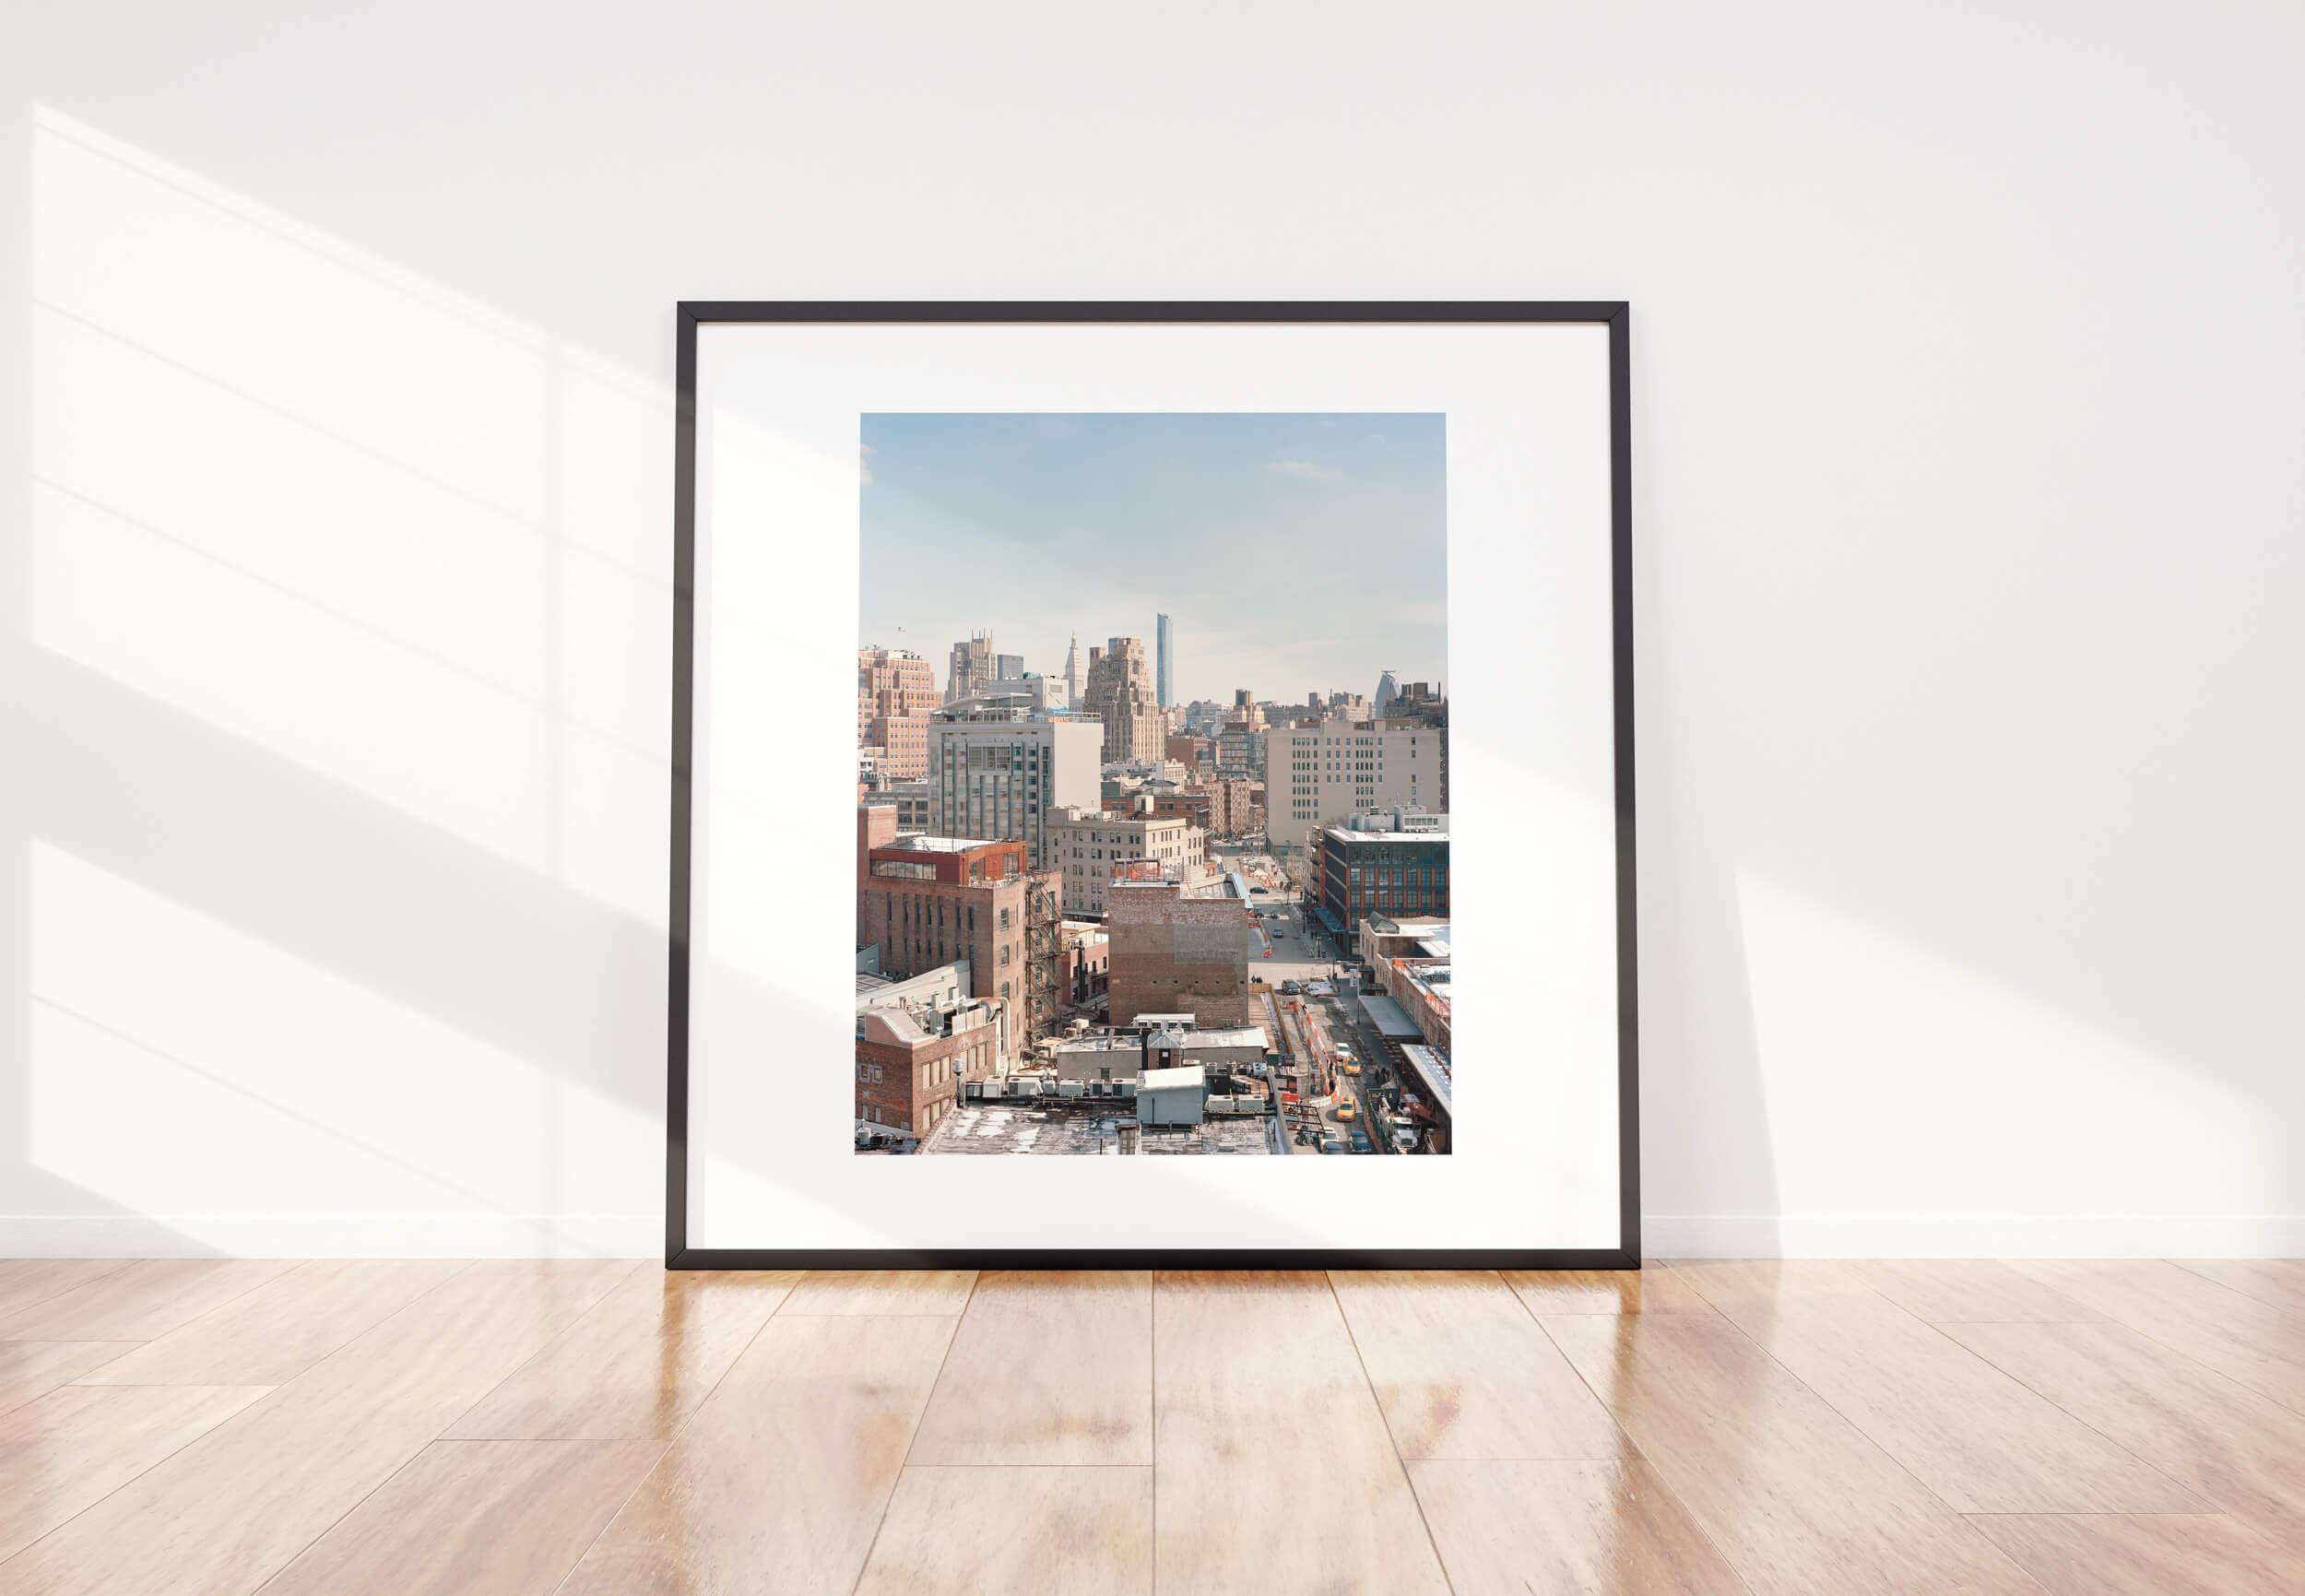 NYC-On-The-Floor-Mock-Up.jpg